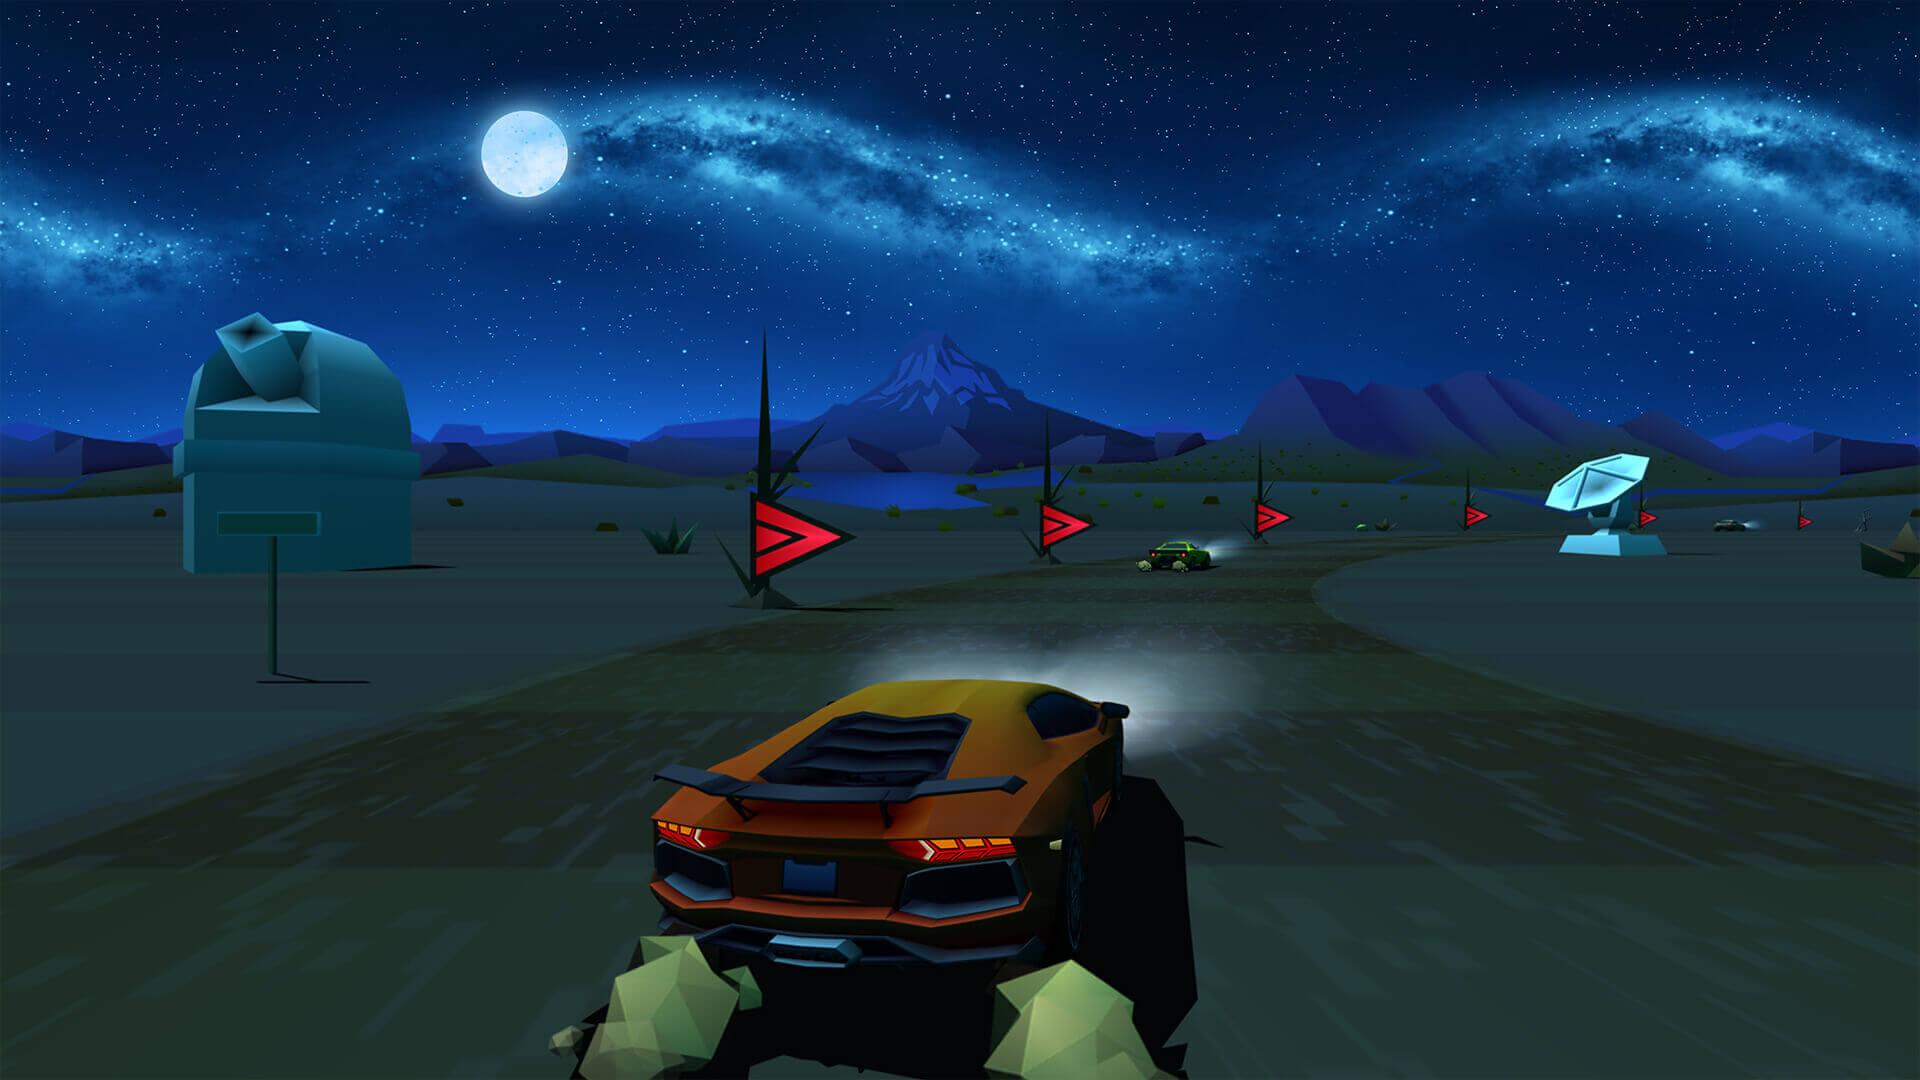 Horizon Chase Turbo ganha trailer que destaca o multiplayer, confirmado que terá versão para Switch